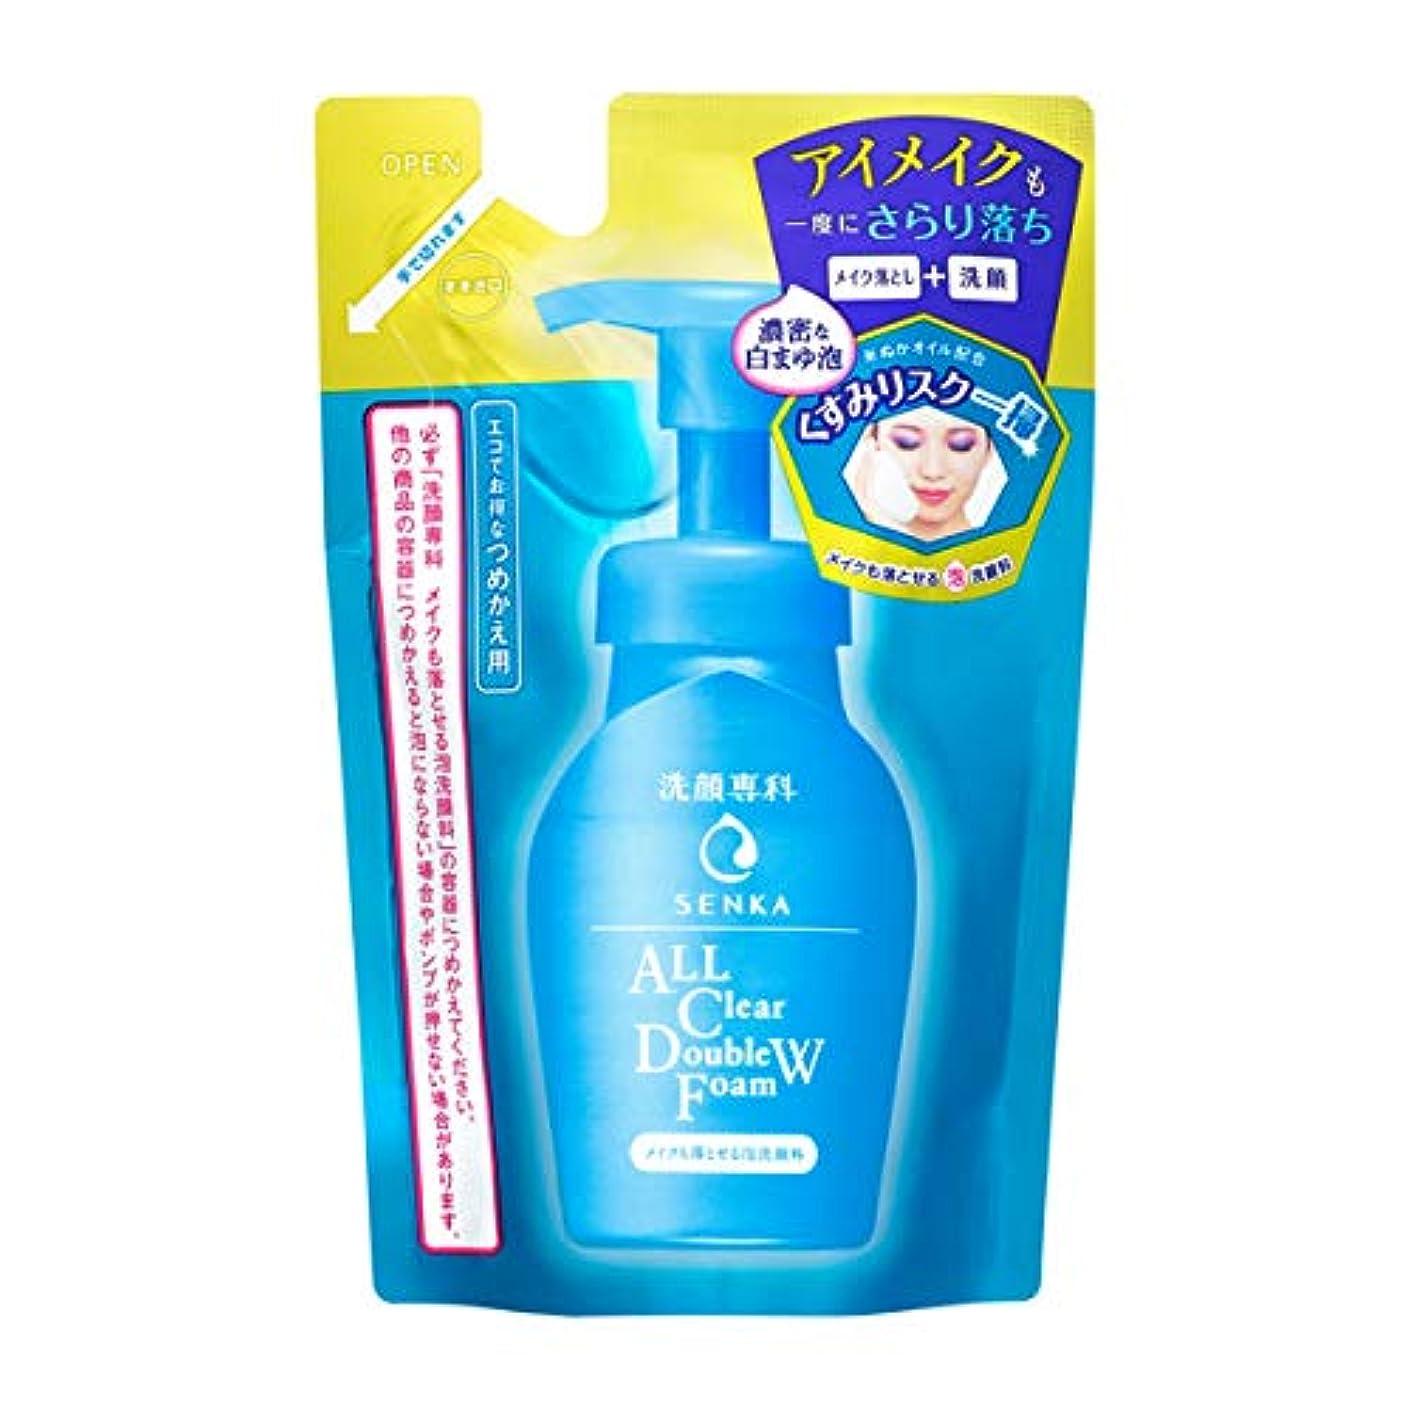 モナリザ救援シャワー洗顔専科 メイクも落とせる泡洗顔料 つめかえ用 130ml やさしく香るみずみずしいフローラルの香り